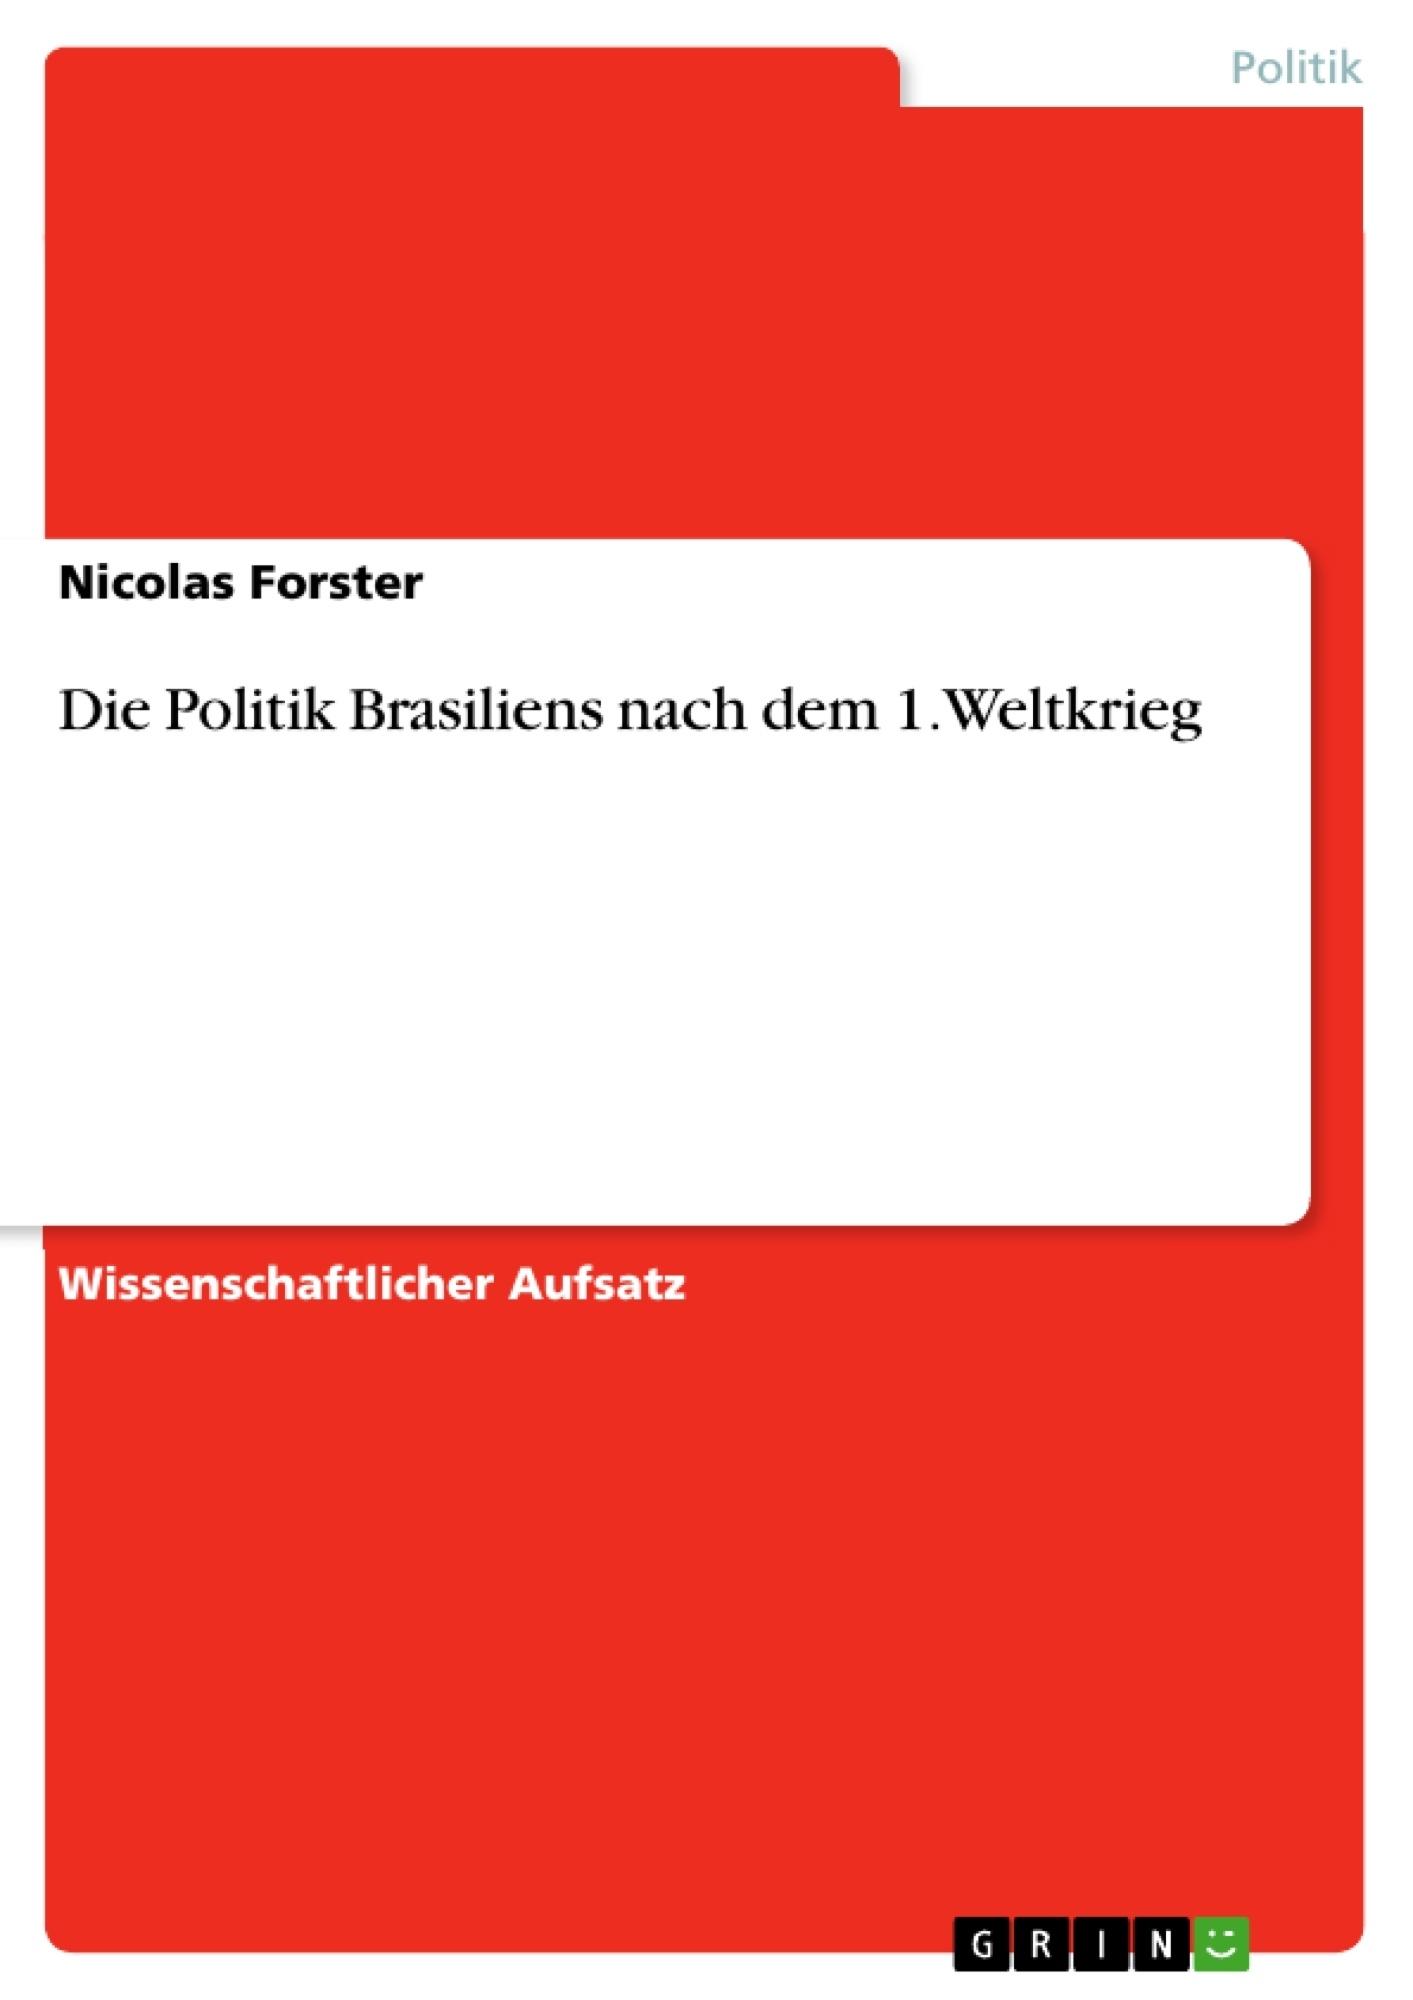 Titel: Die Politik Brasiliens nach dem 1. Weltkrieg